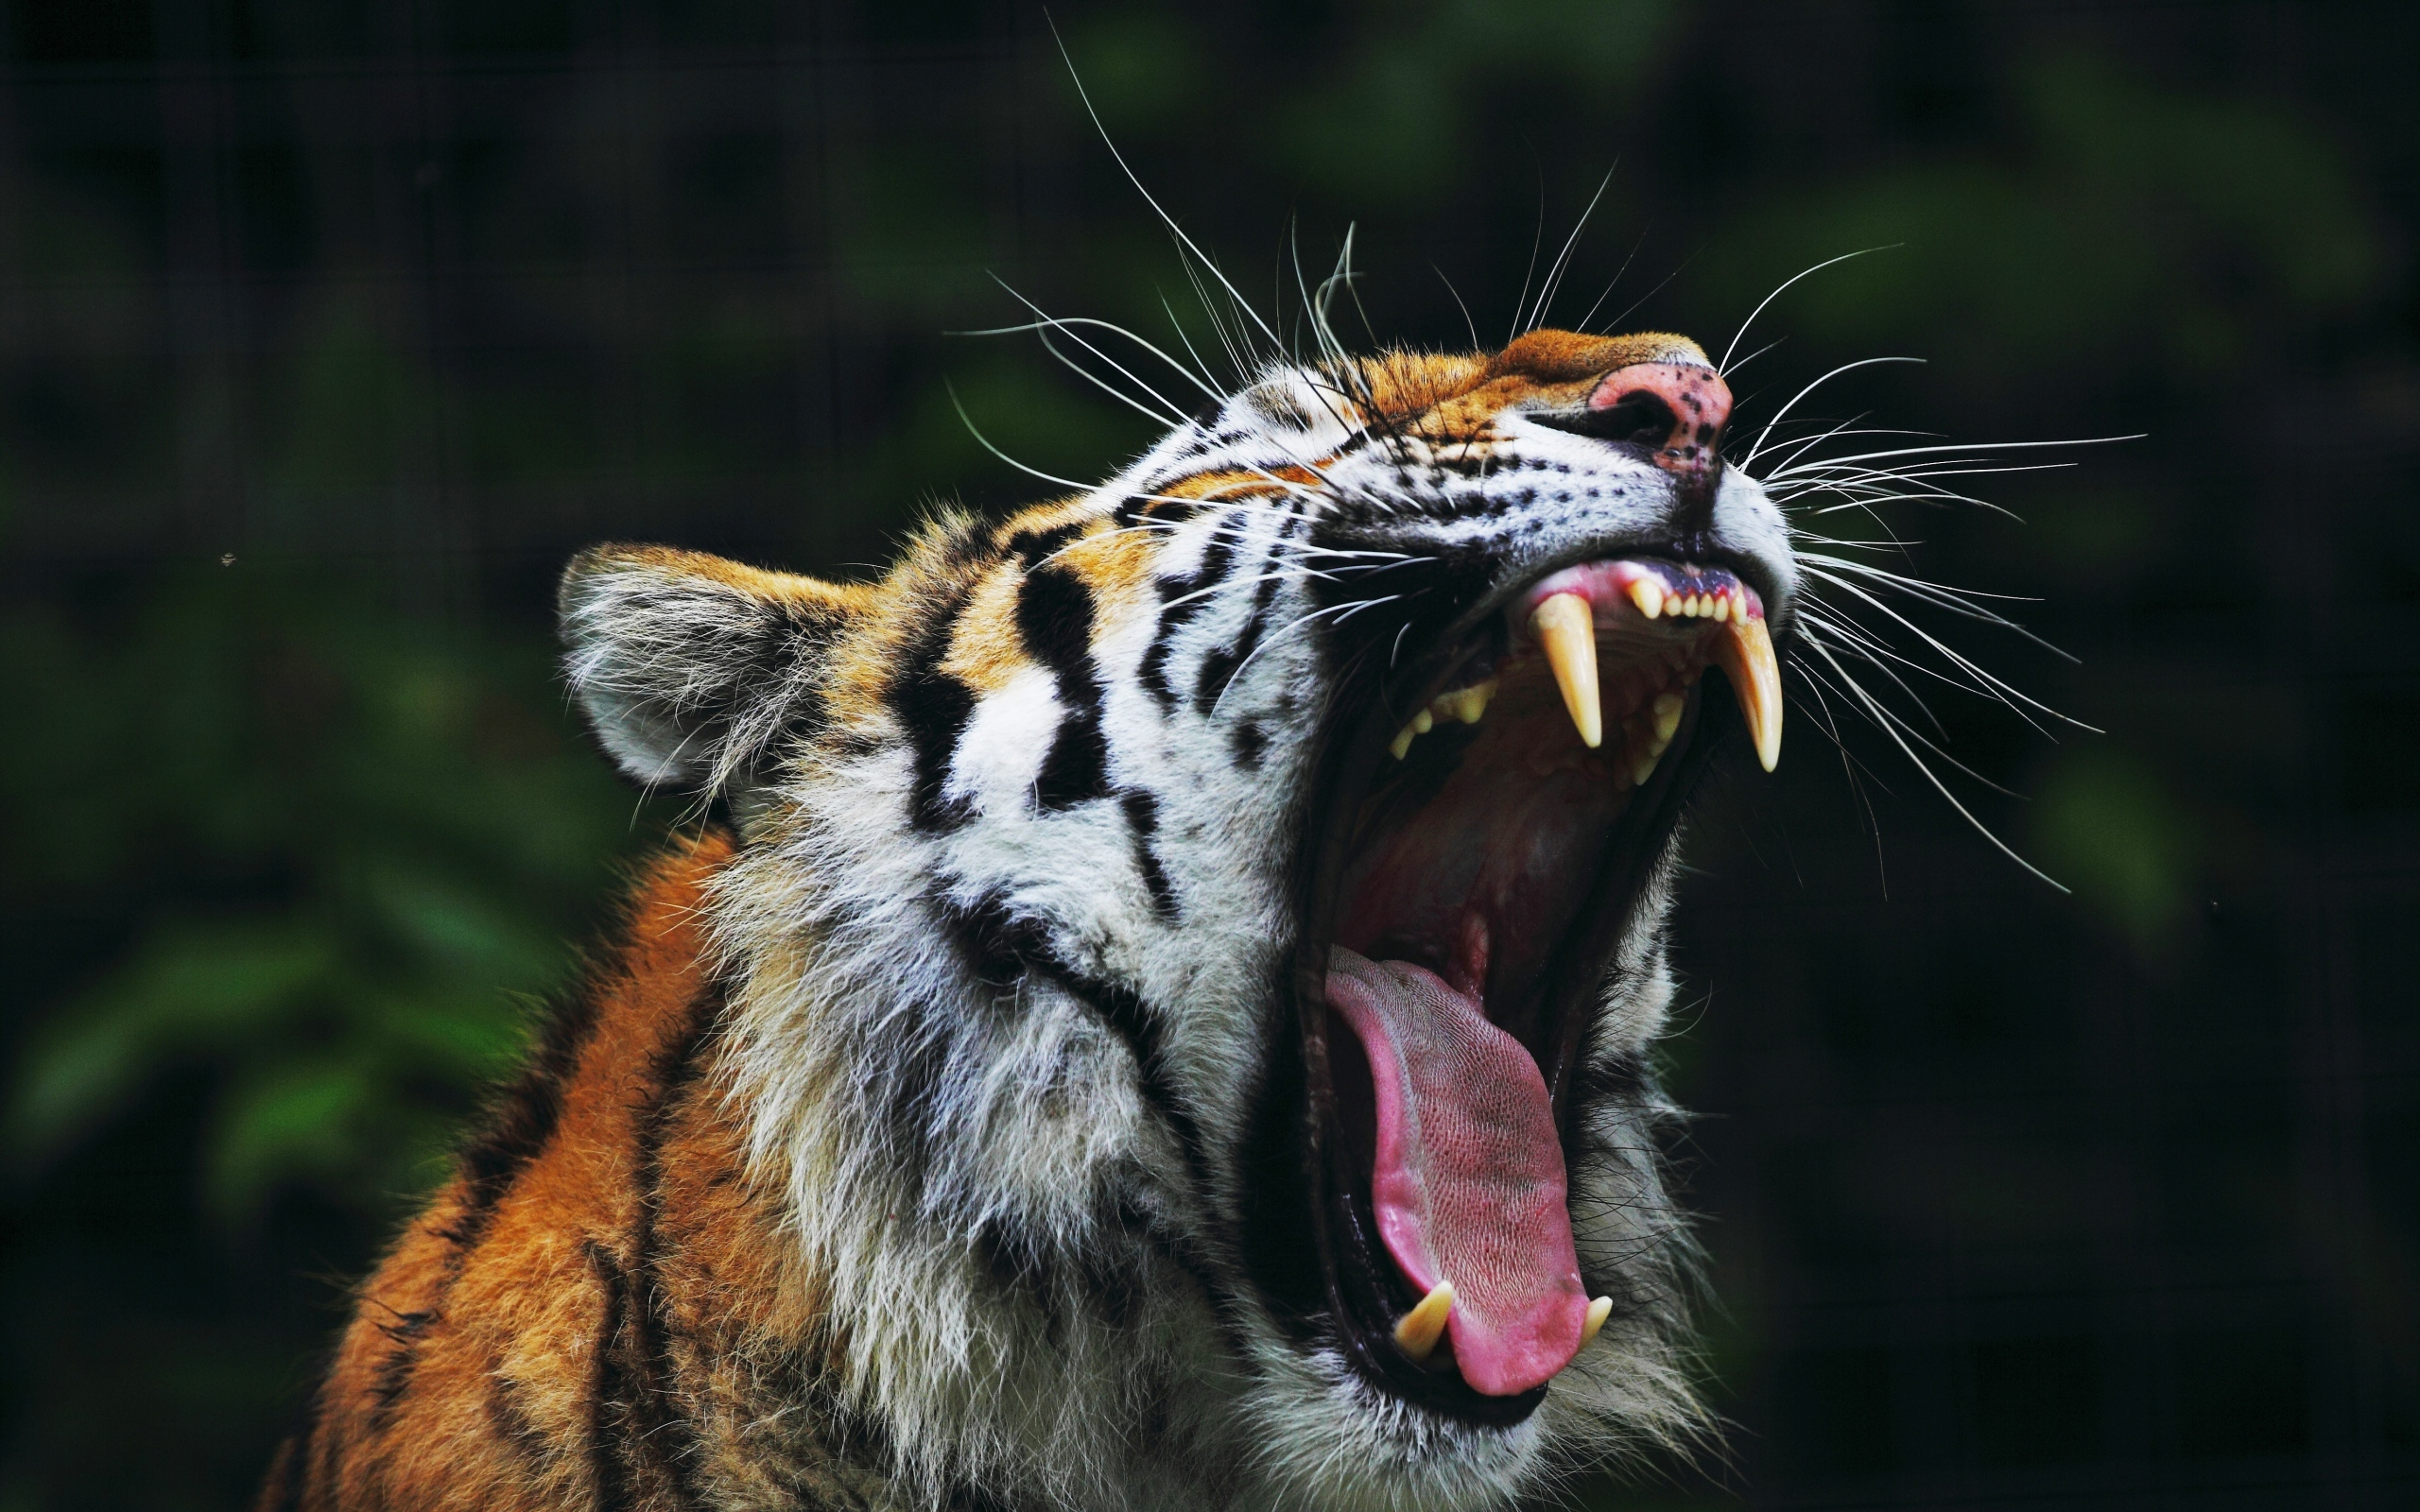 Image: Tiger, Grace, Beauty